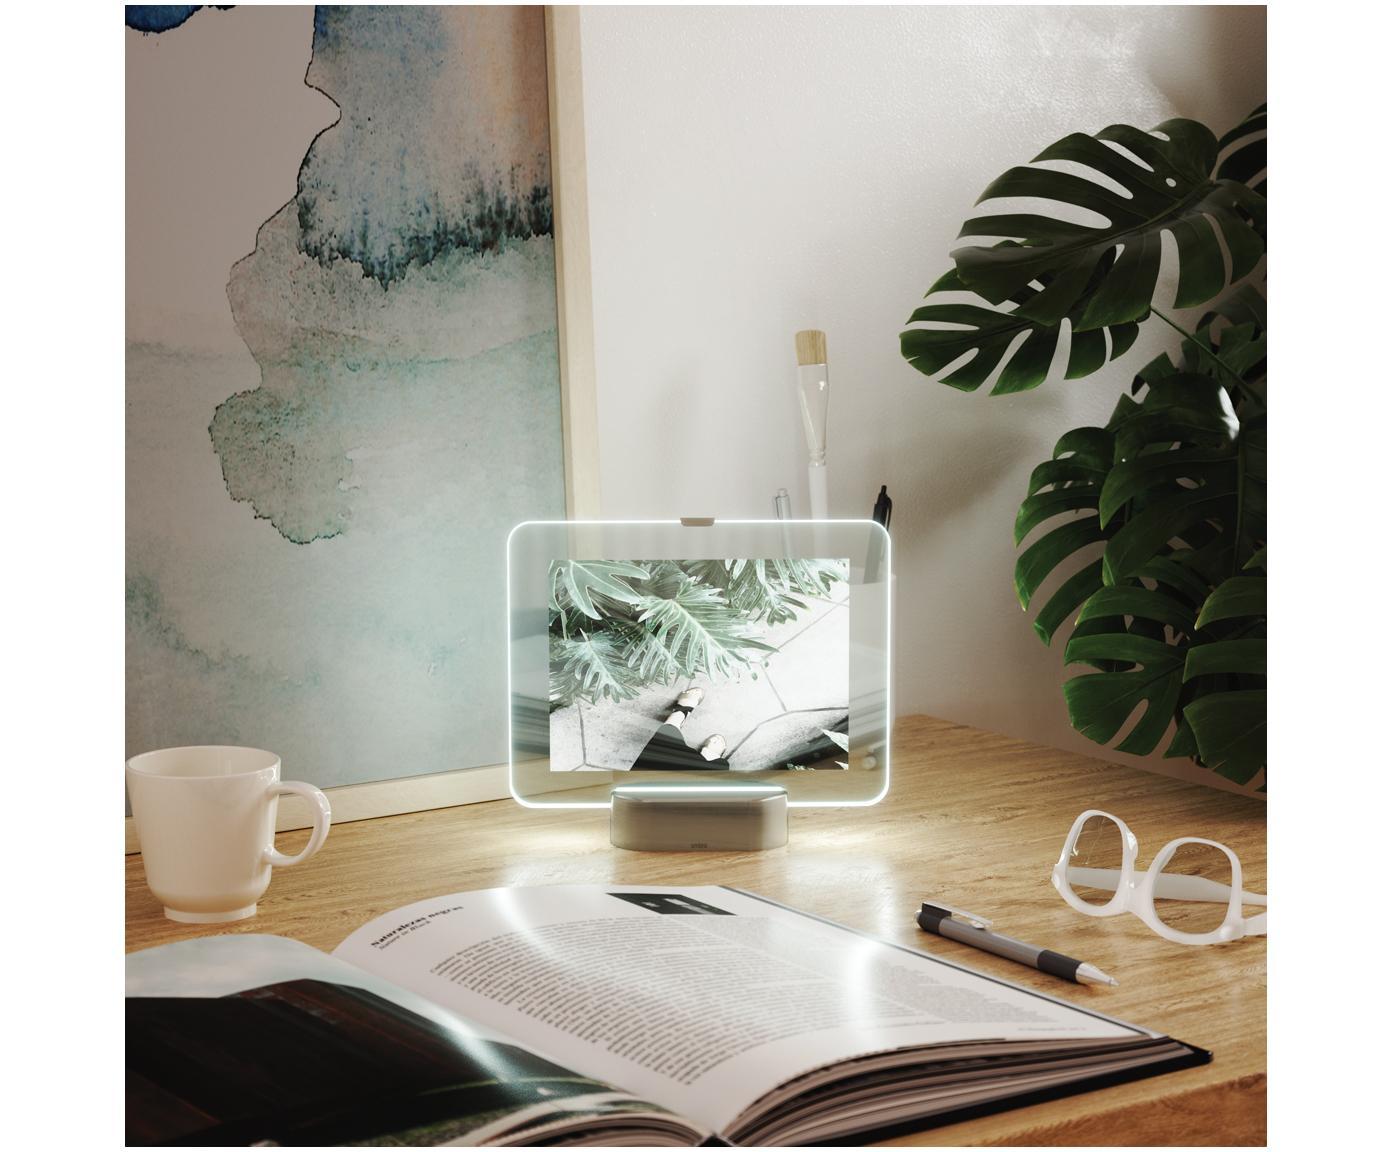 Ramka na zdjęcia LED Glo, Odcienie niklu, 13 x 18 cm